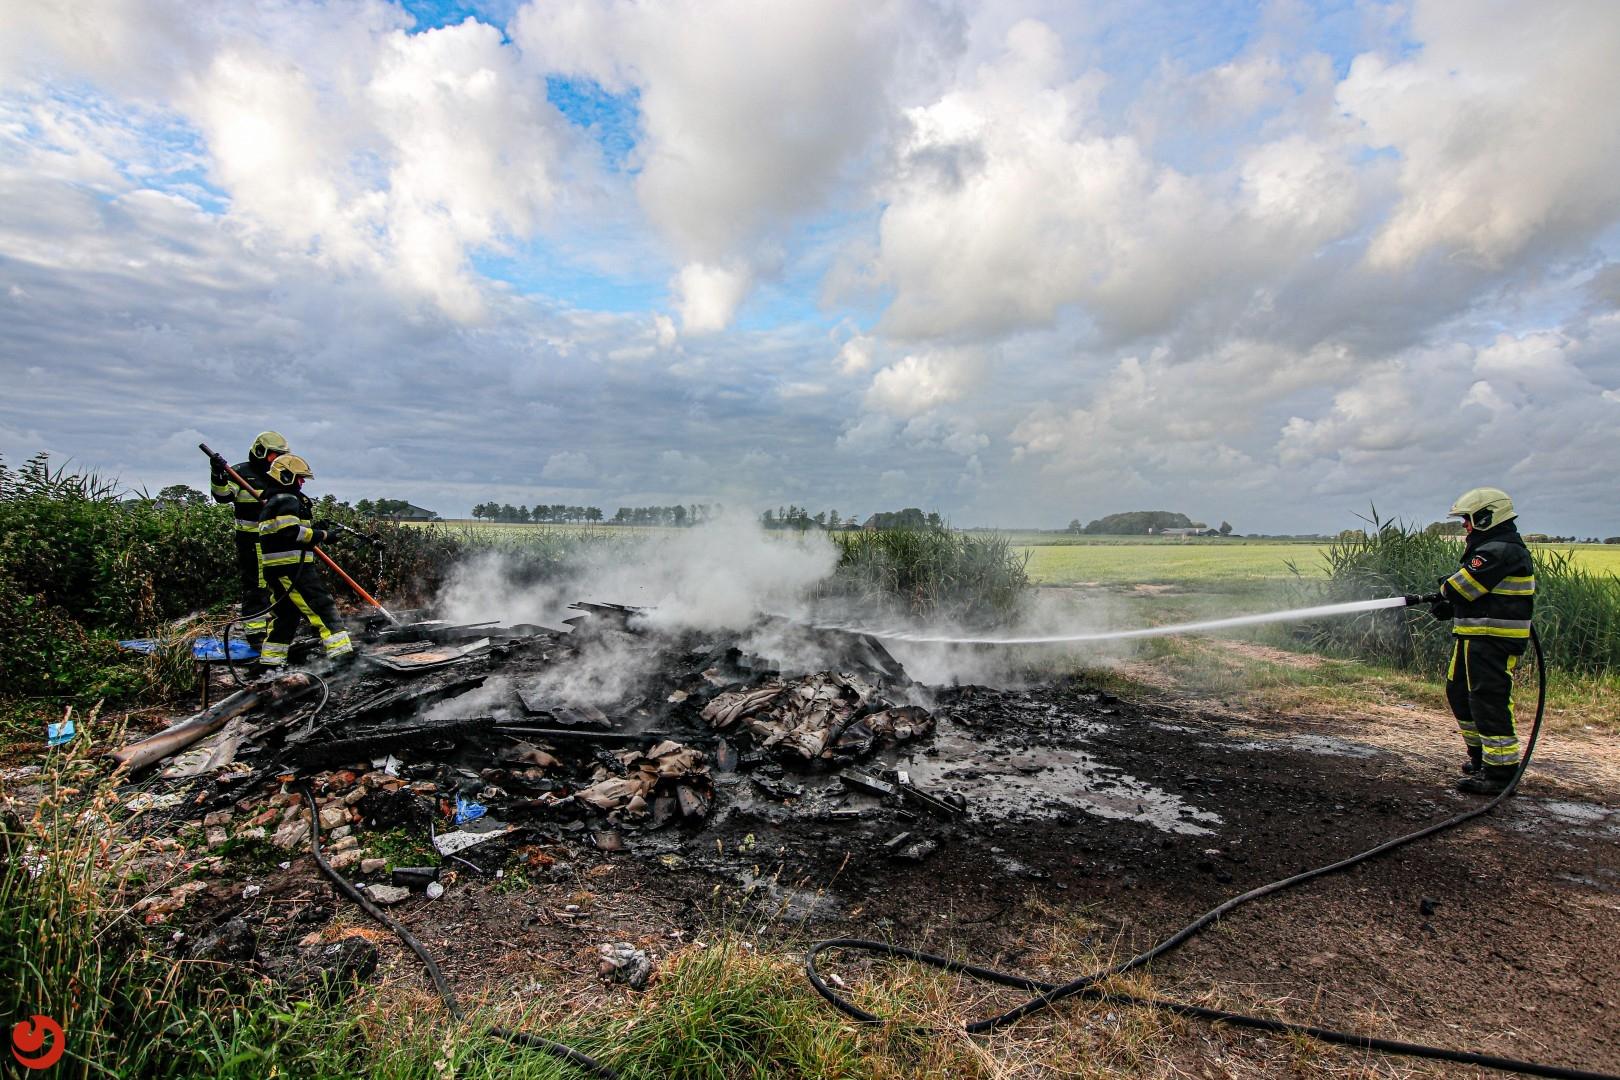 Brandweer rukt uit voor brandbult